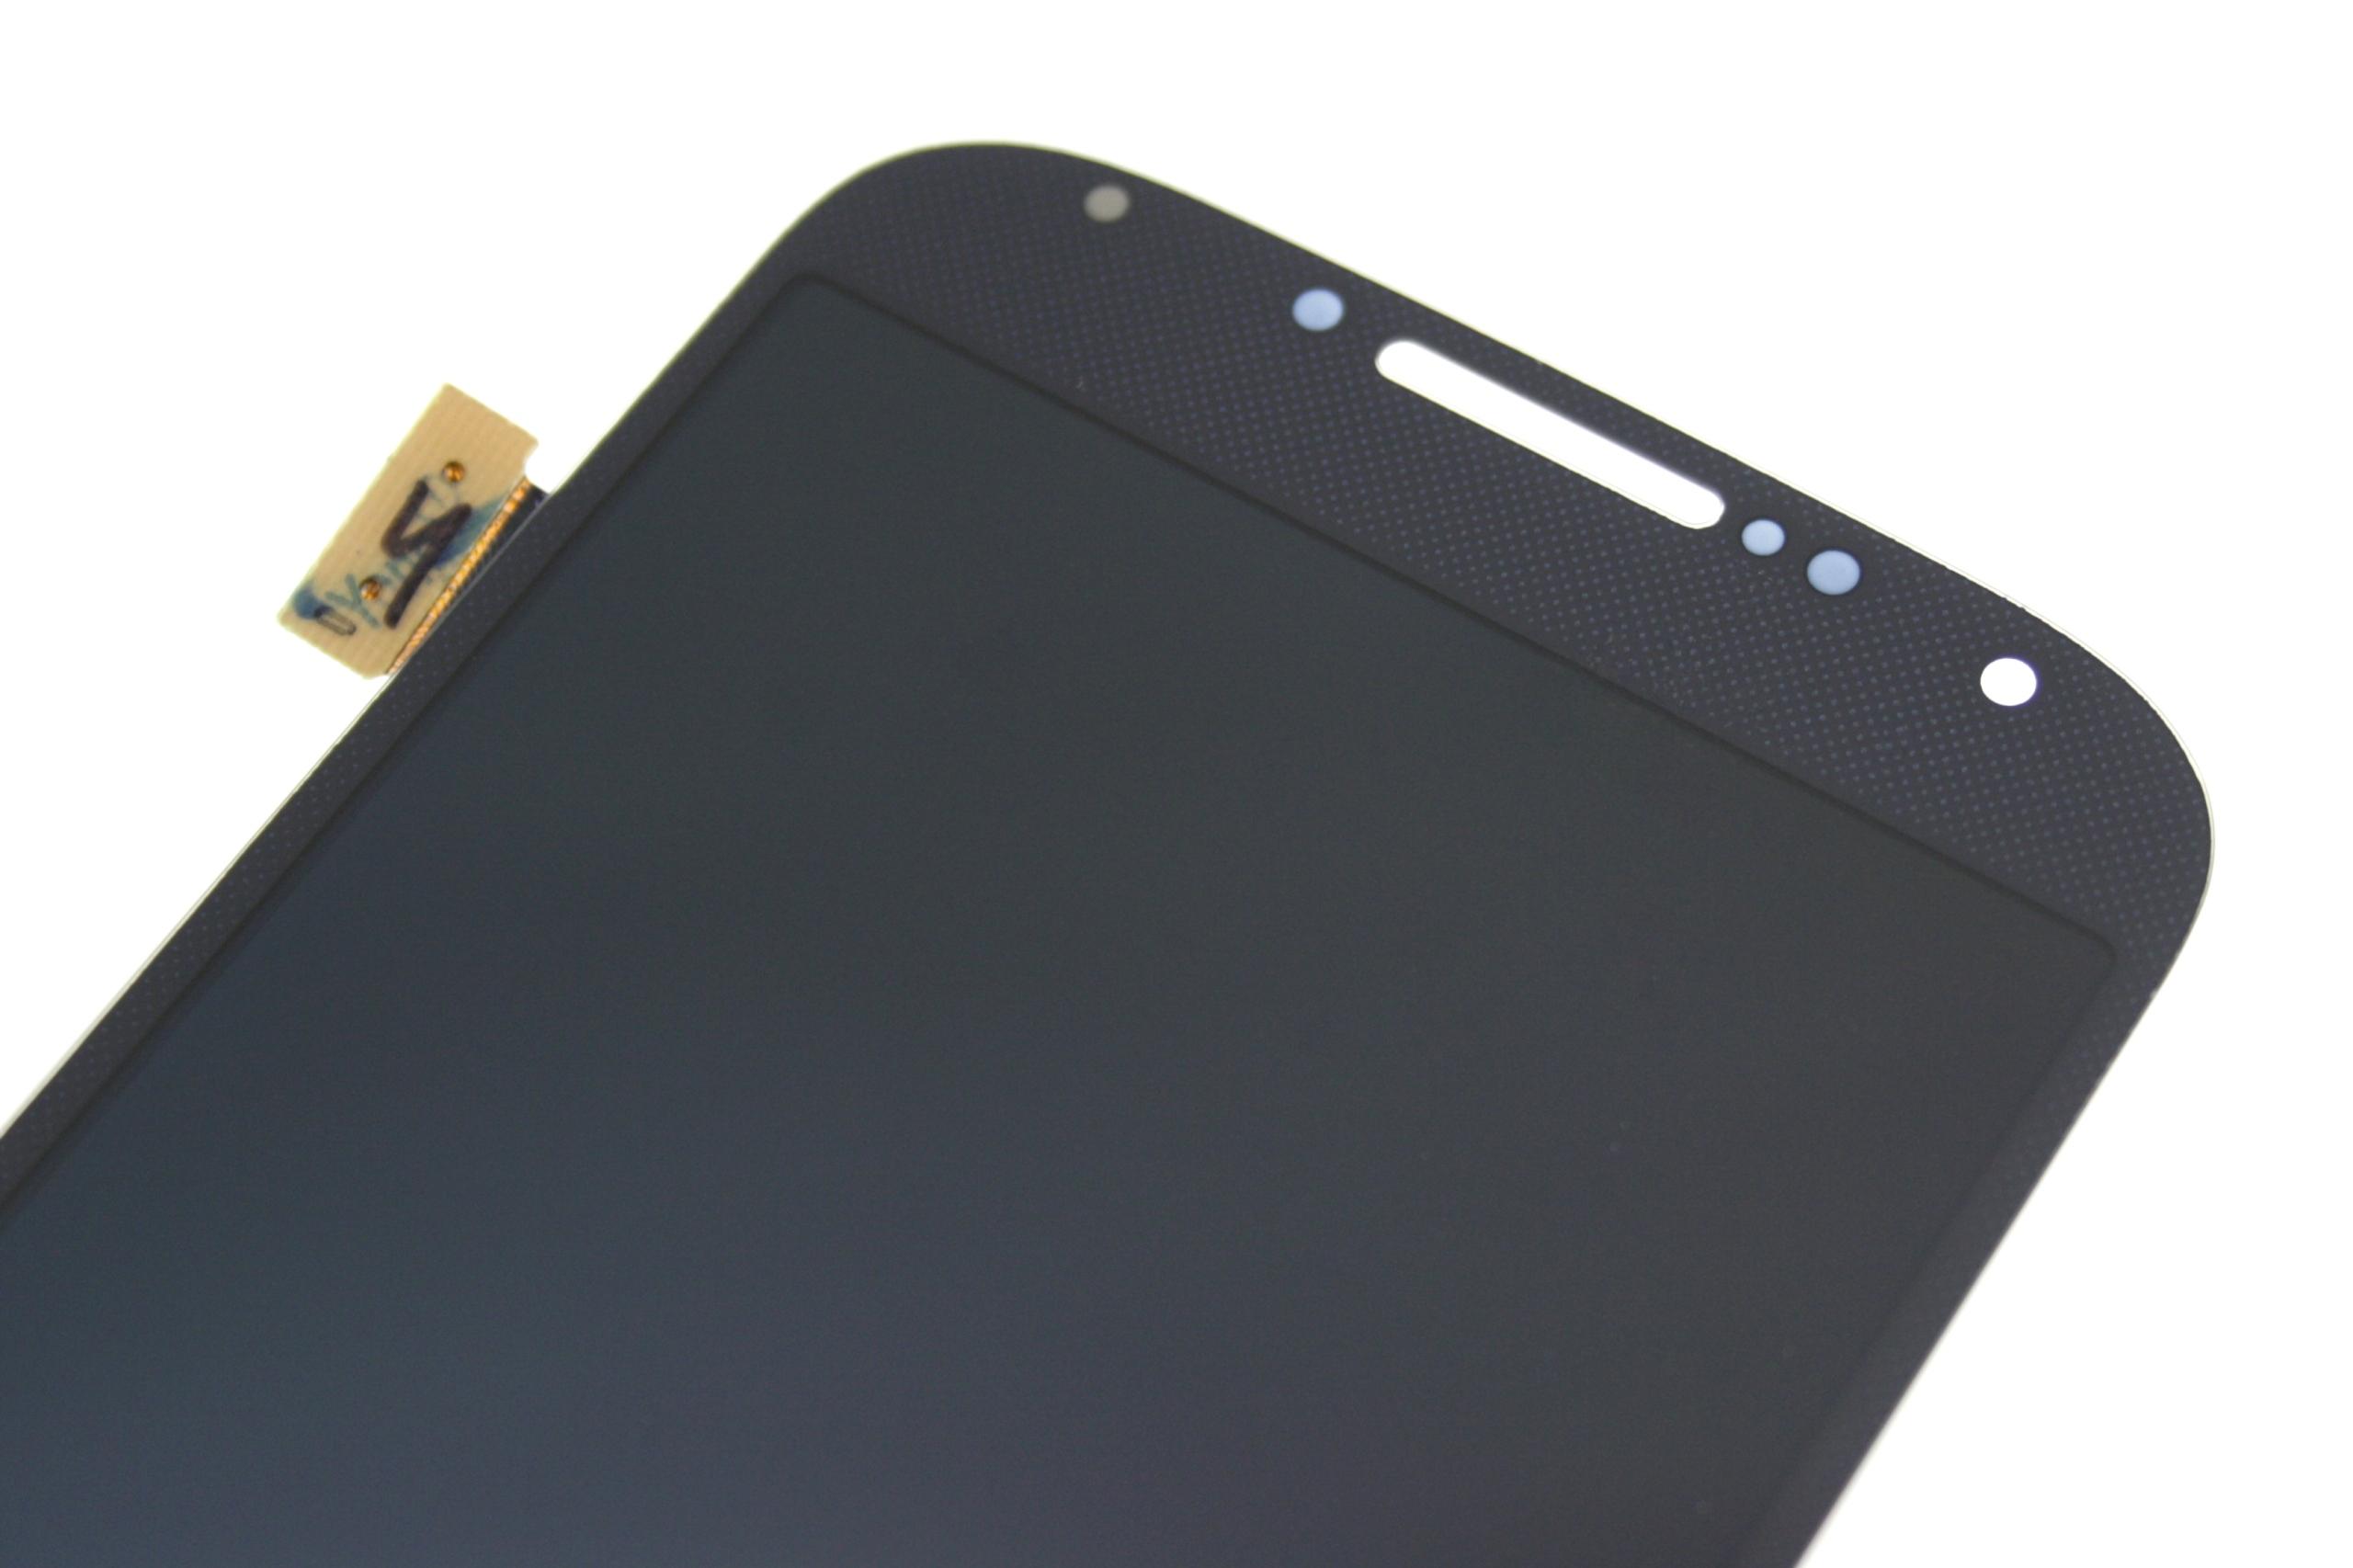 GALAXY SAMSUNG S4 I9506 LCD WYŚWIETLACZ EKRAN